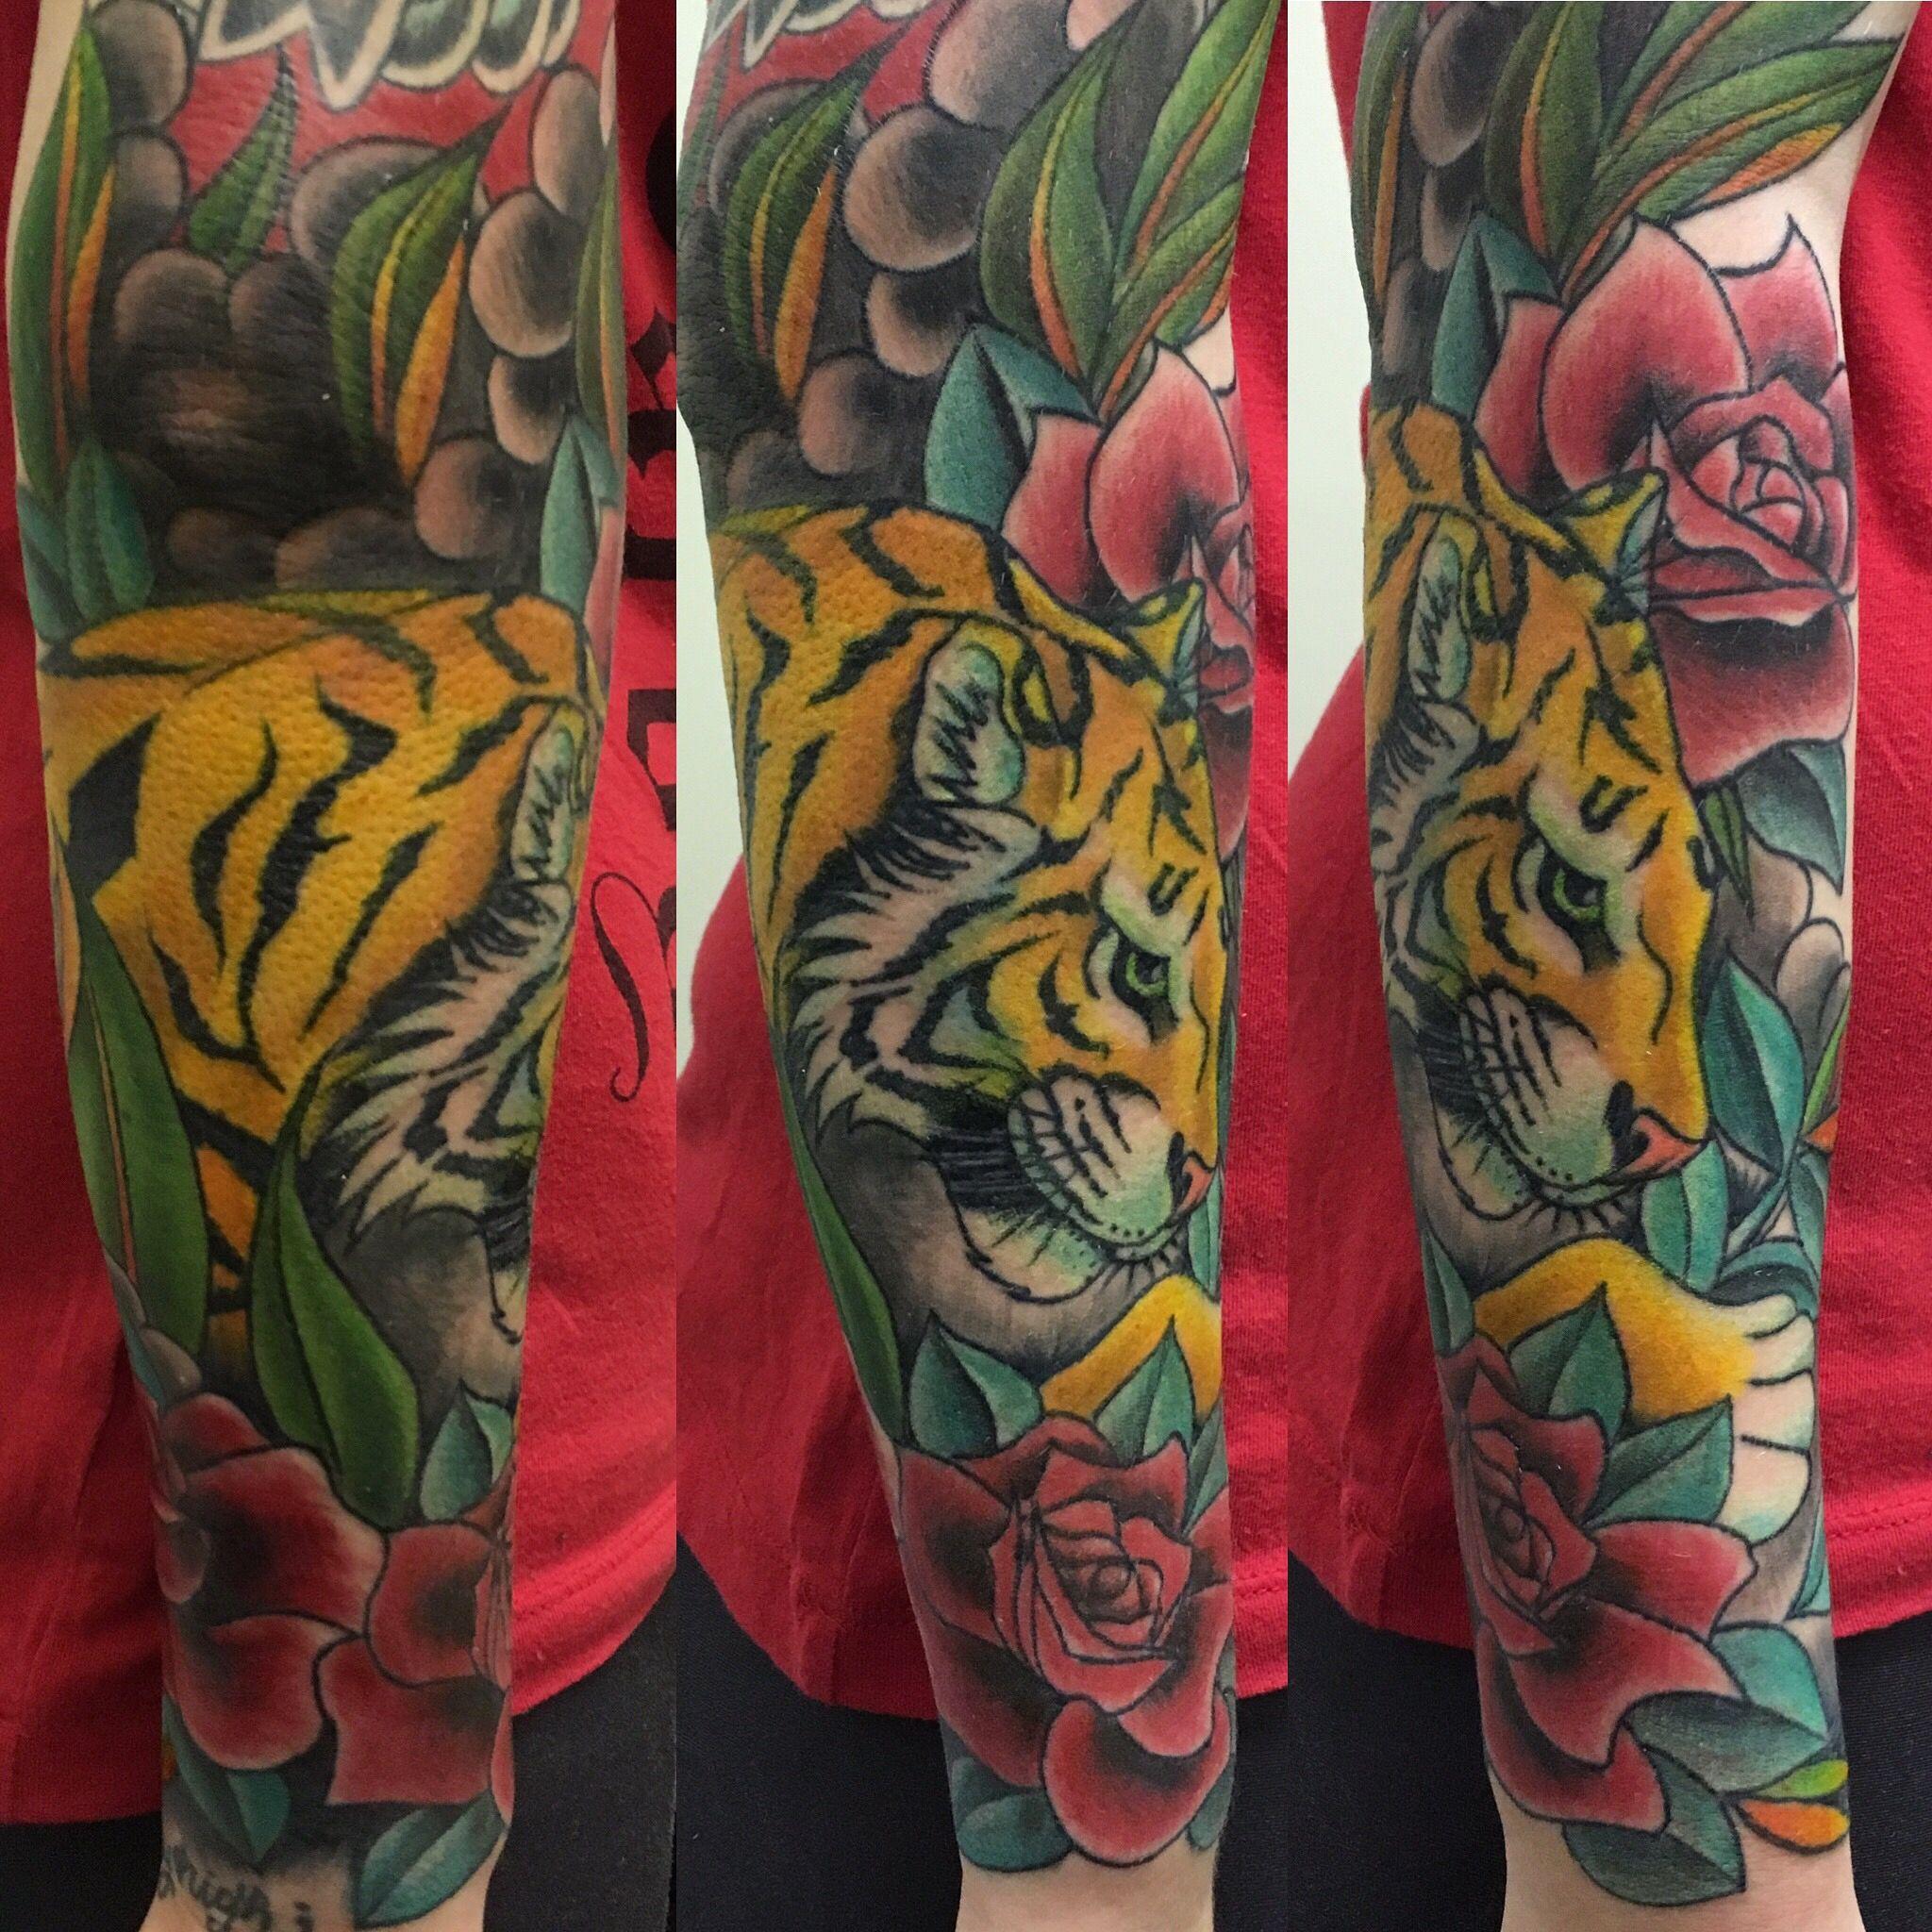 Tiger and Roses tattoo 2016 | Tatuajes | Pinterest | Tattoo